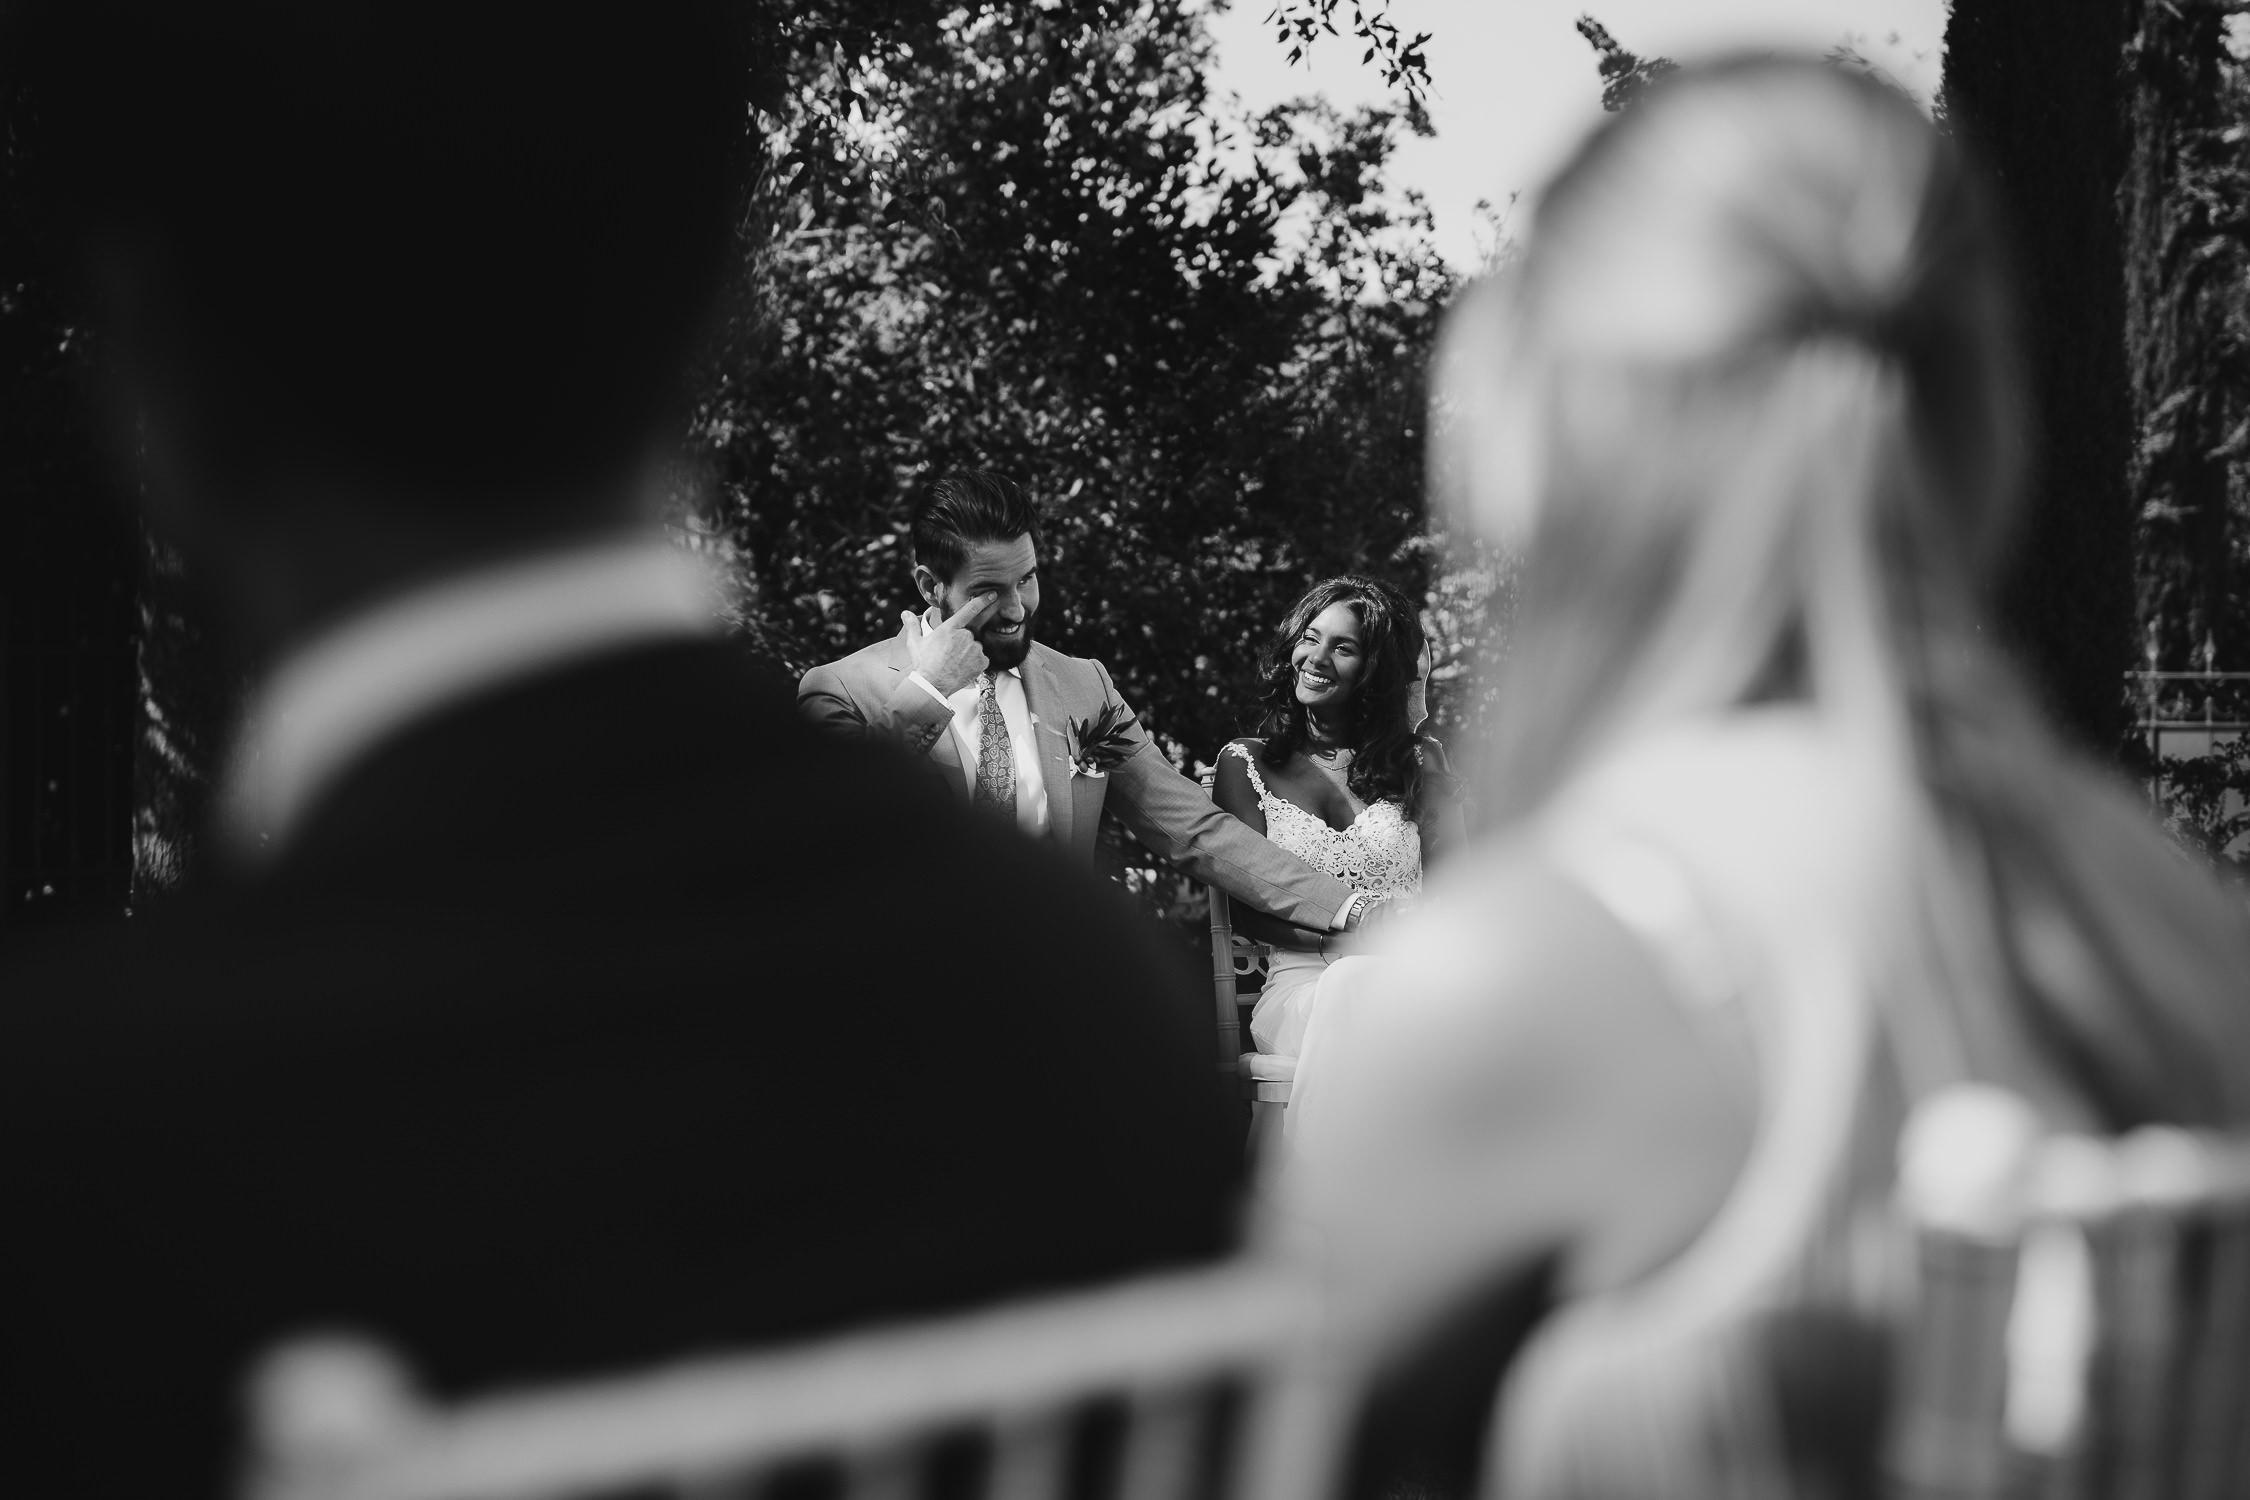 bruidsfotografie-trouwfotograaf-amsterdam-utrecht-mark-hadden-judith-igor-219-2.jpg